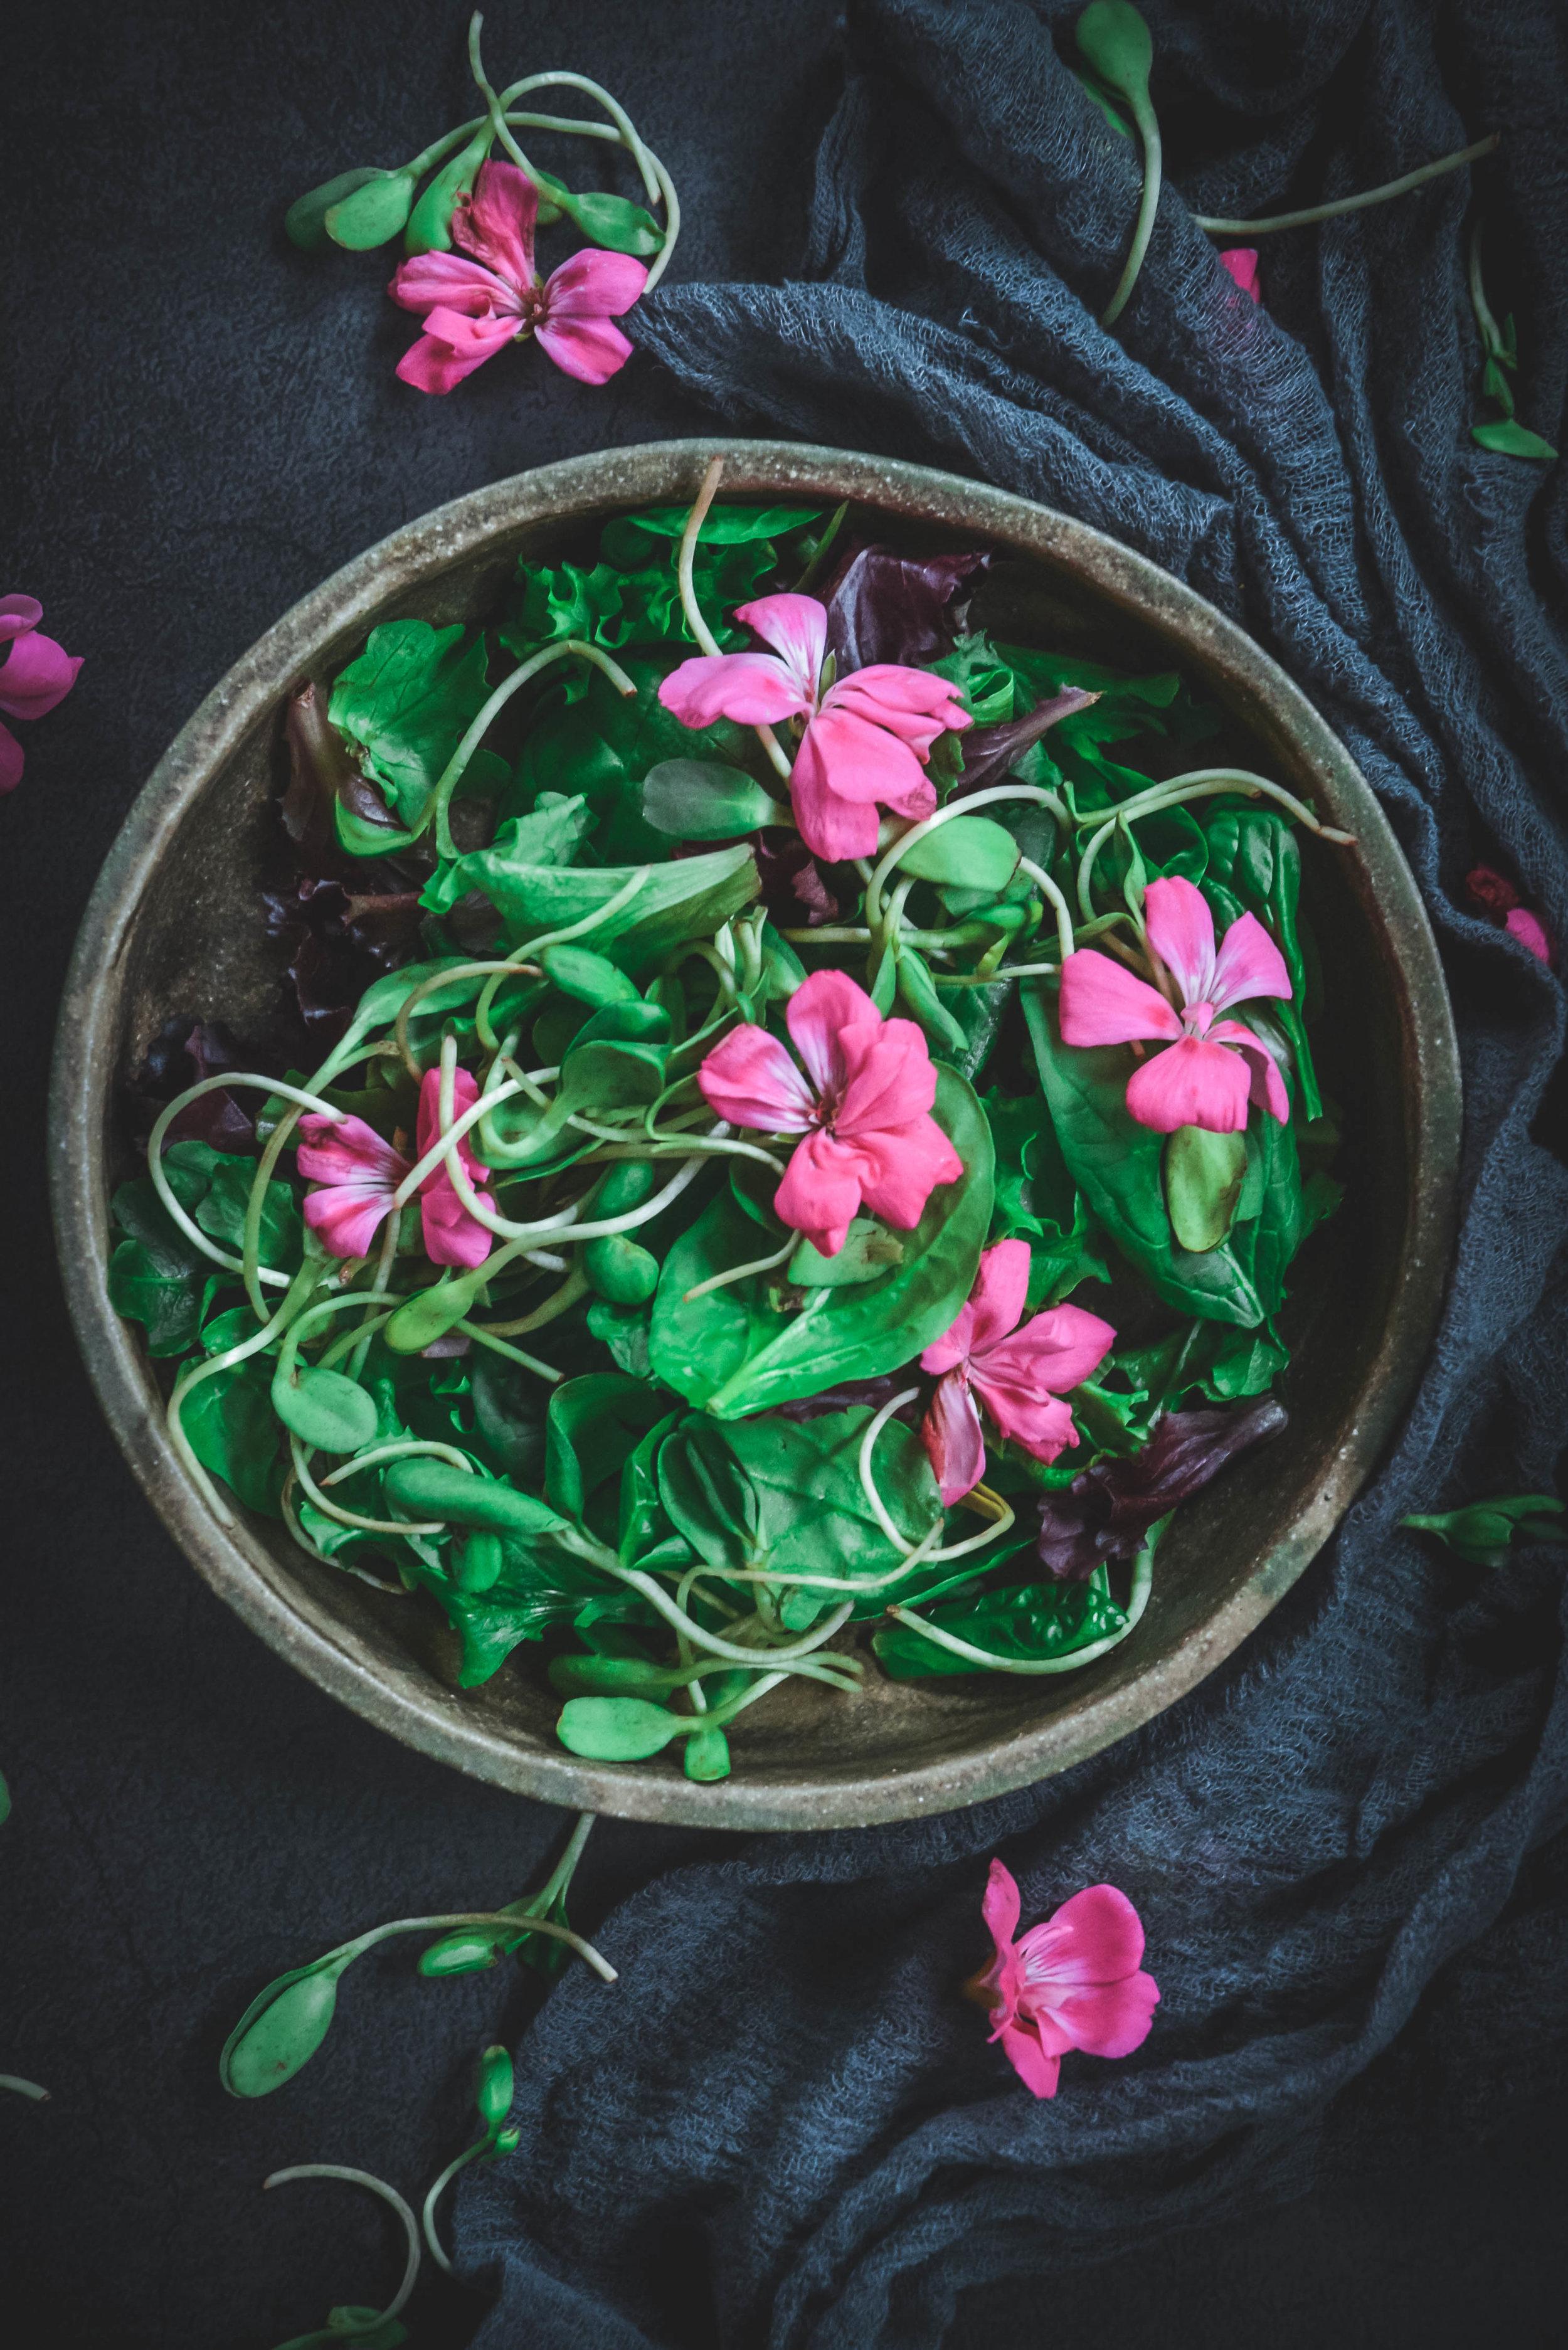 flower plate.jpg